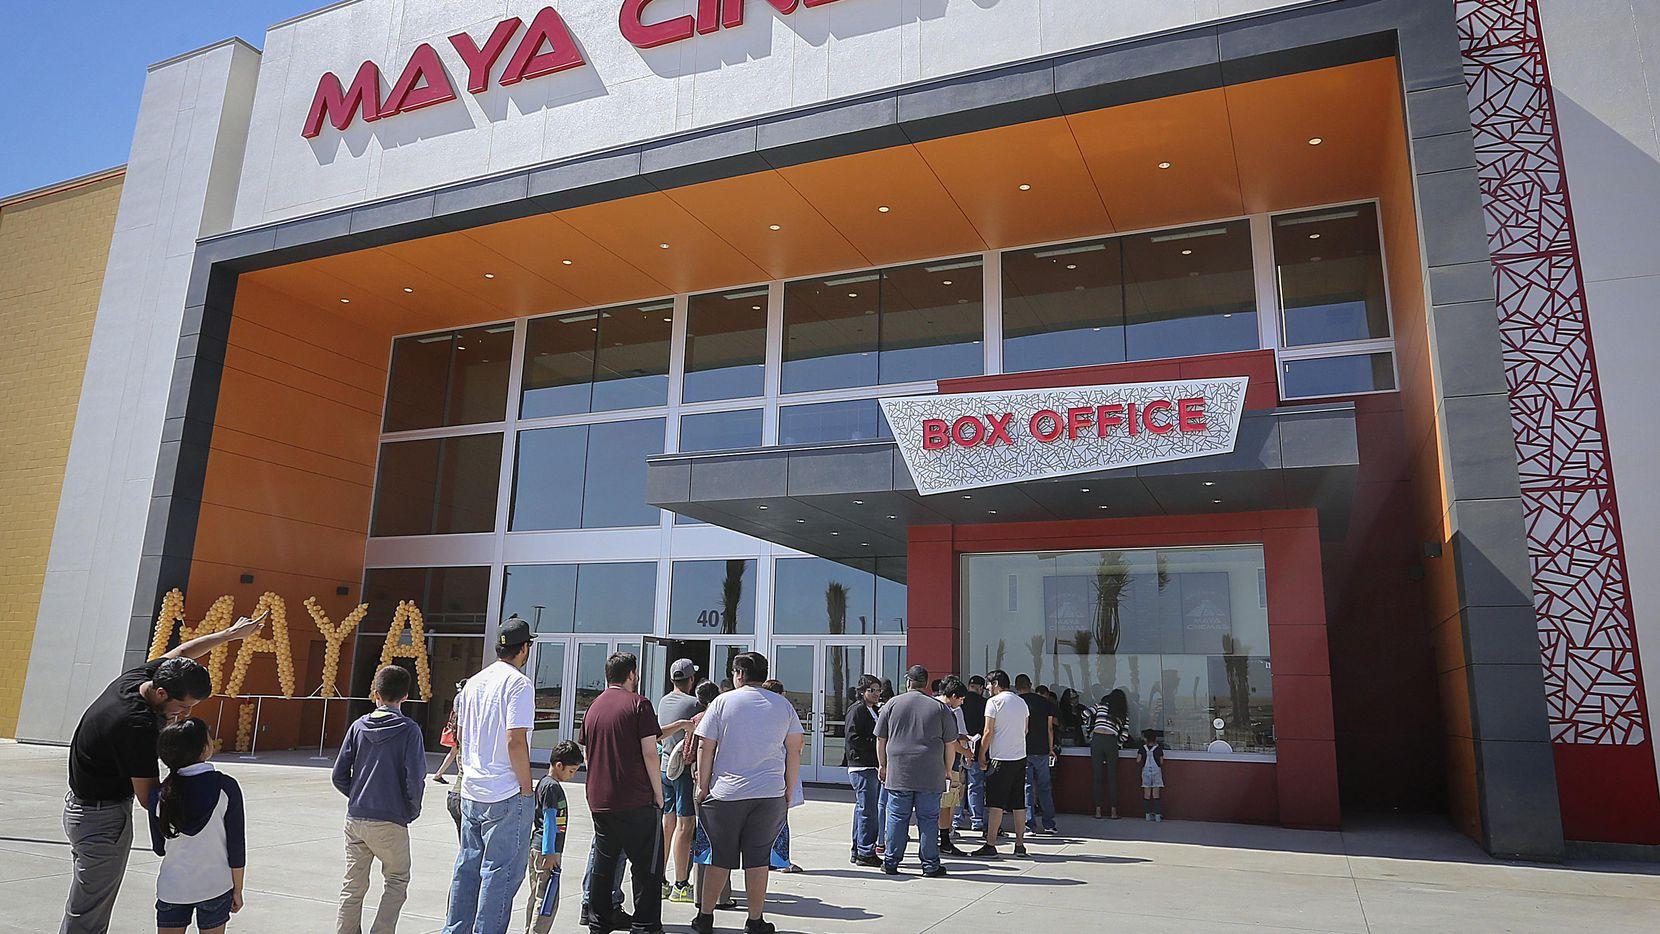 El complejo de Maya Cinemas Theater en Delano, California.(AP)